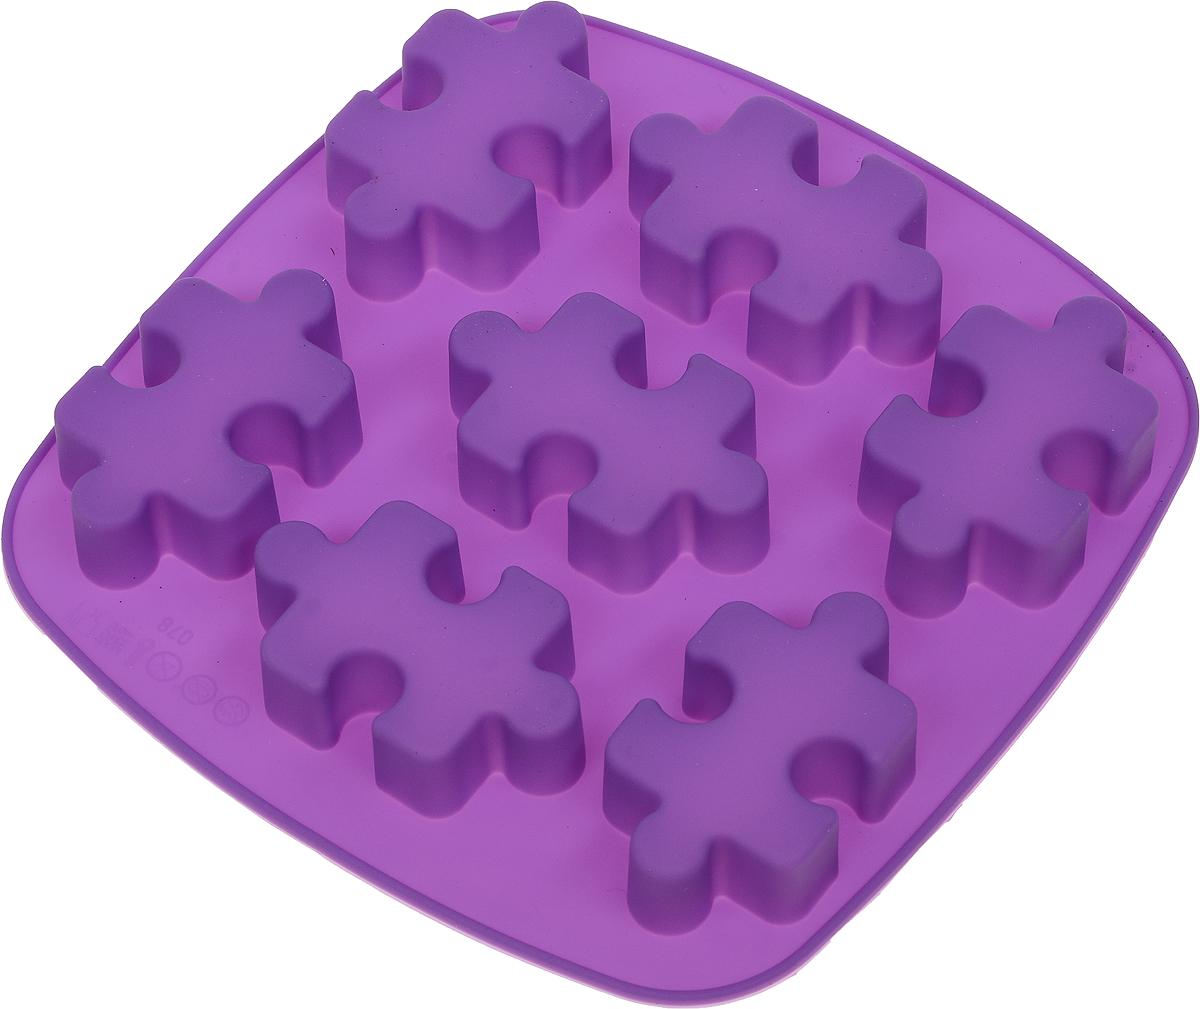 Форма для выпечки Доляна Пазлы, силиконовая, цвет: фиолетовый, 17 х 18 х 2 см, 7 ячеек1857437_фиолетовыйФорма Доляна Пазлы, изготовленная из силикона, имеет 7 ячеек в виде мозаики. Силиконовые формы для выпечки имеют множество преимуществ по сравнению с традиционными металлическими формами и противнями. Нет необходимости смазывать форму маслом. Форма быстро нагревается, равномерно пропекает, не допускает подгорания выпечки с краев или снизу.Вынимать продукты из формы очень легко. Слегка выверните края формы или оттяните в сторону, и ваша выпечка легко выскользнет из формы. Материал устойчив к фруктовым кислотам, не ржавеет, на нем не образуются пятна. Форма может быть использована в духовках и микроволновых печах (выдерживает температуру от -40°С до +250°С), также ее можно помещать в морозильную камеру и холодильник. Можно мыть в посудомоечной машине.Размер формы: 17 х 18 х 2 см.Размер ячеек: 6,5 х 4 х 2 см.